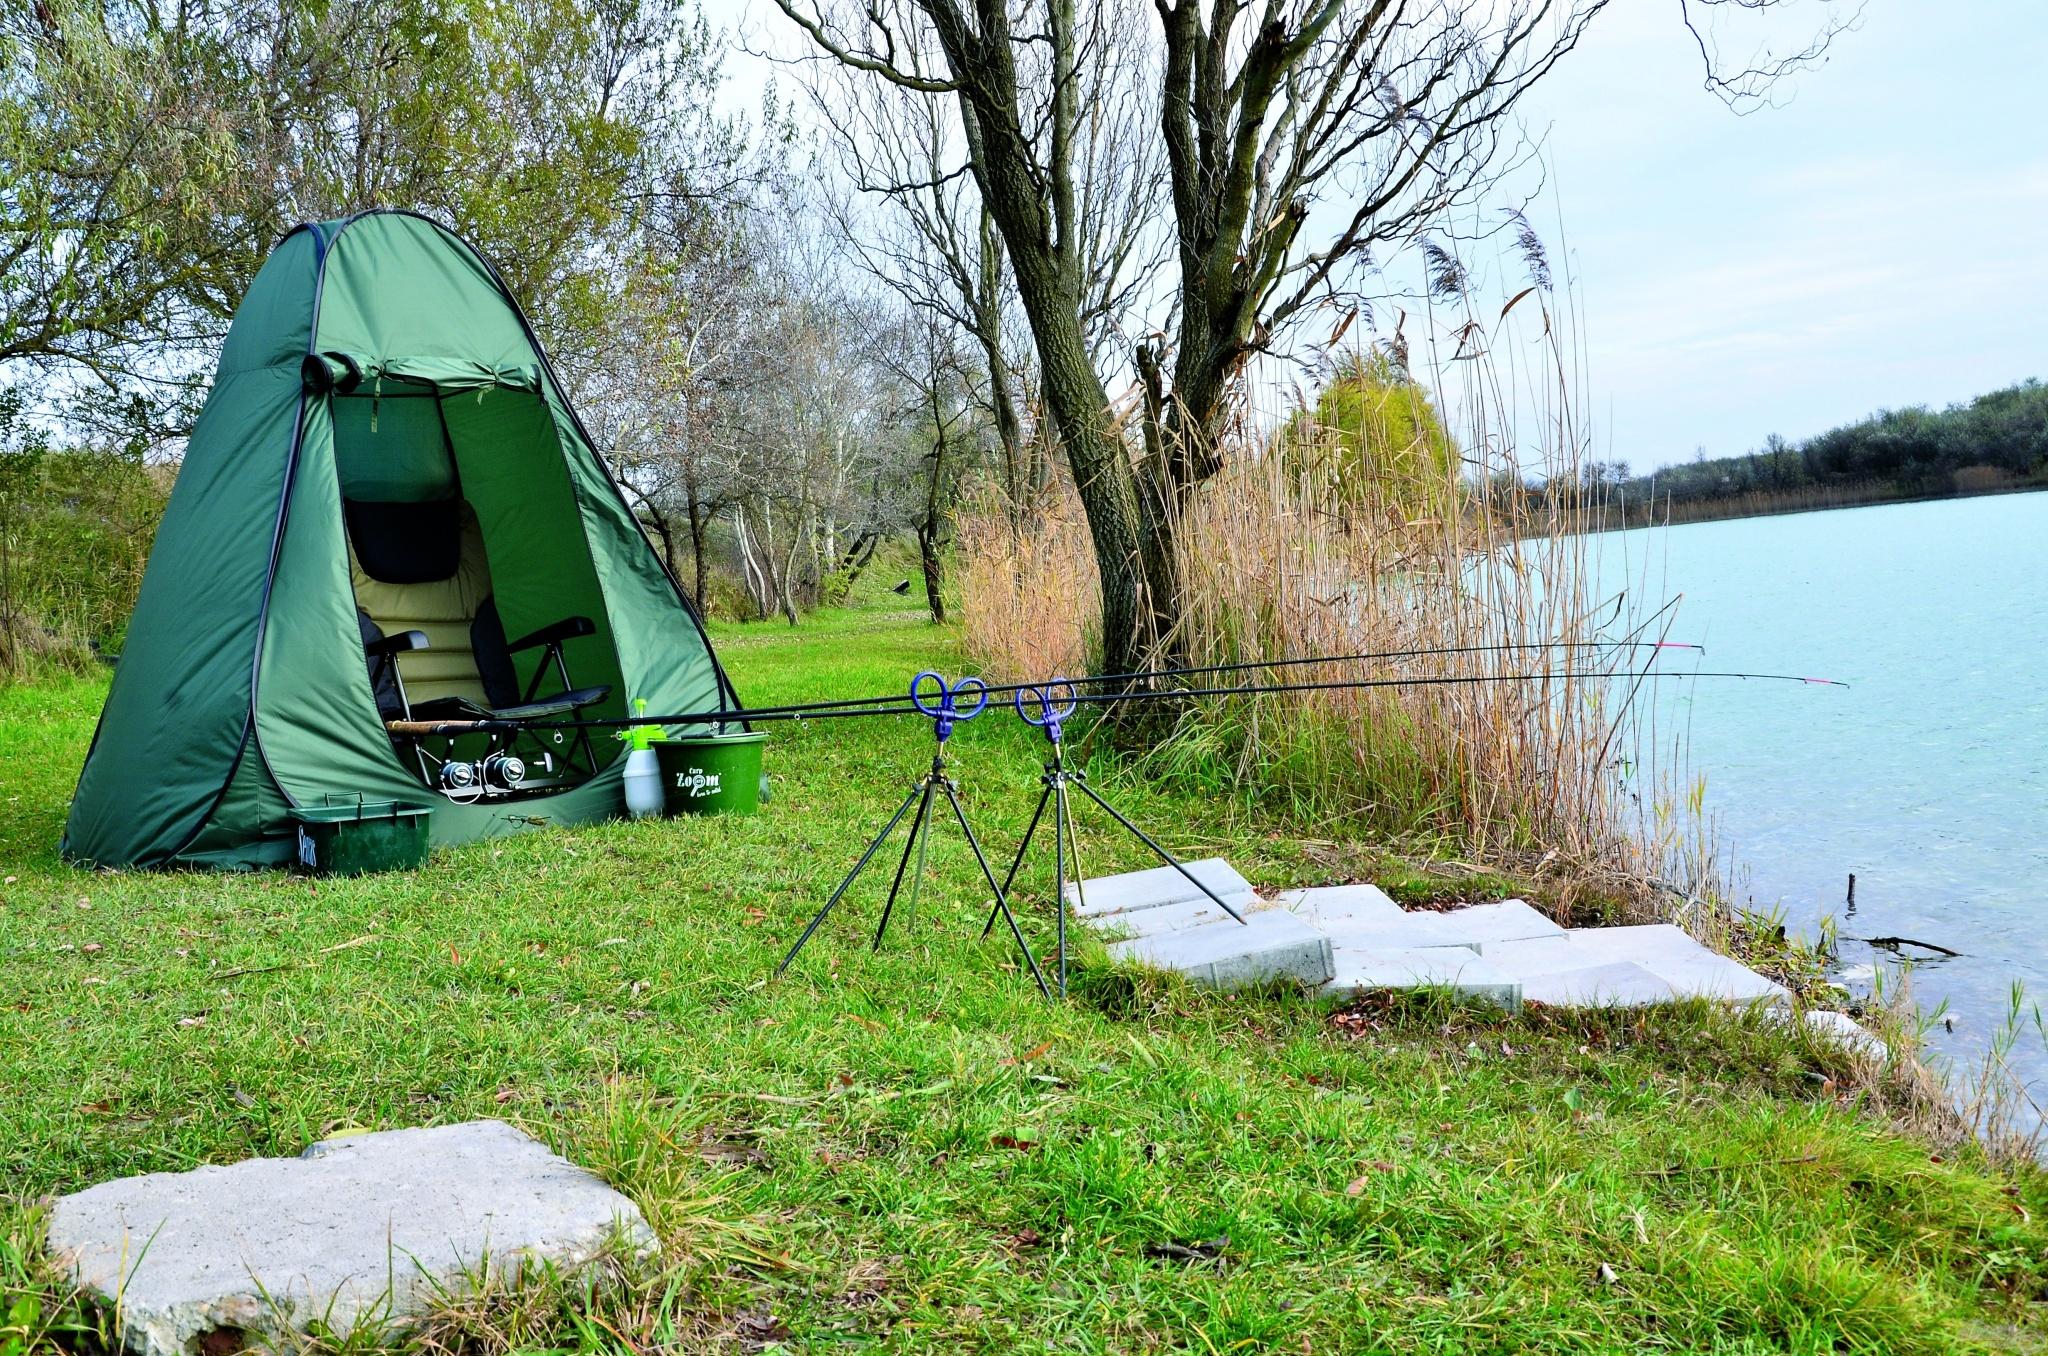 Éppen akkora, amekkora fedezékre egy horgásznak szüksége lehet, akár az eső, szél, vagy erős napsütés elől!